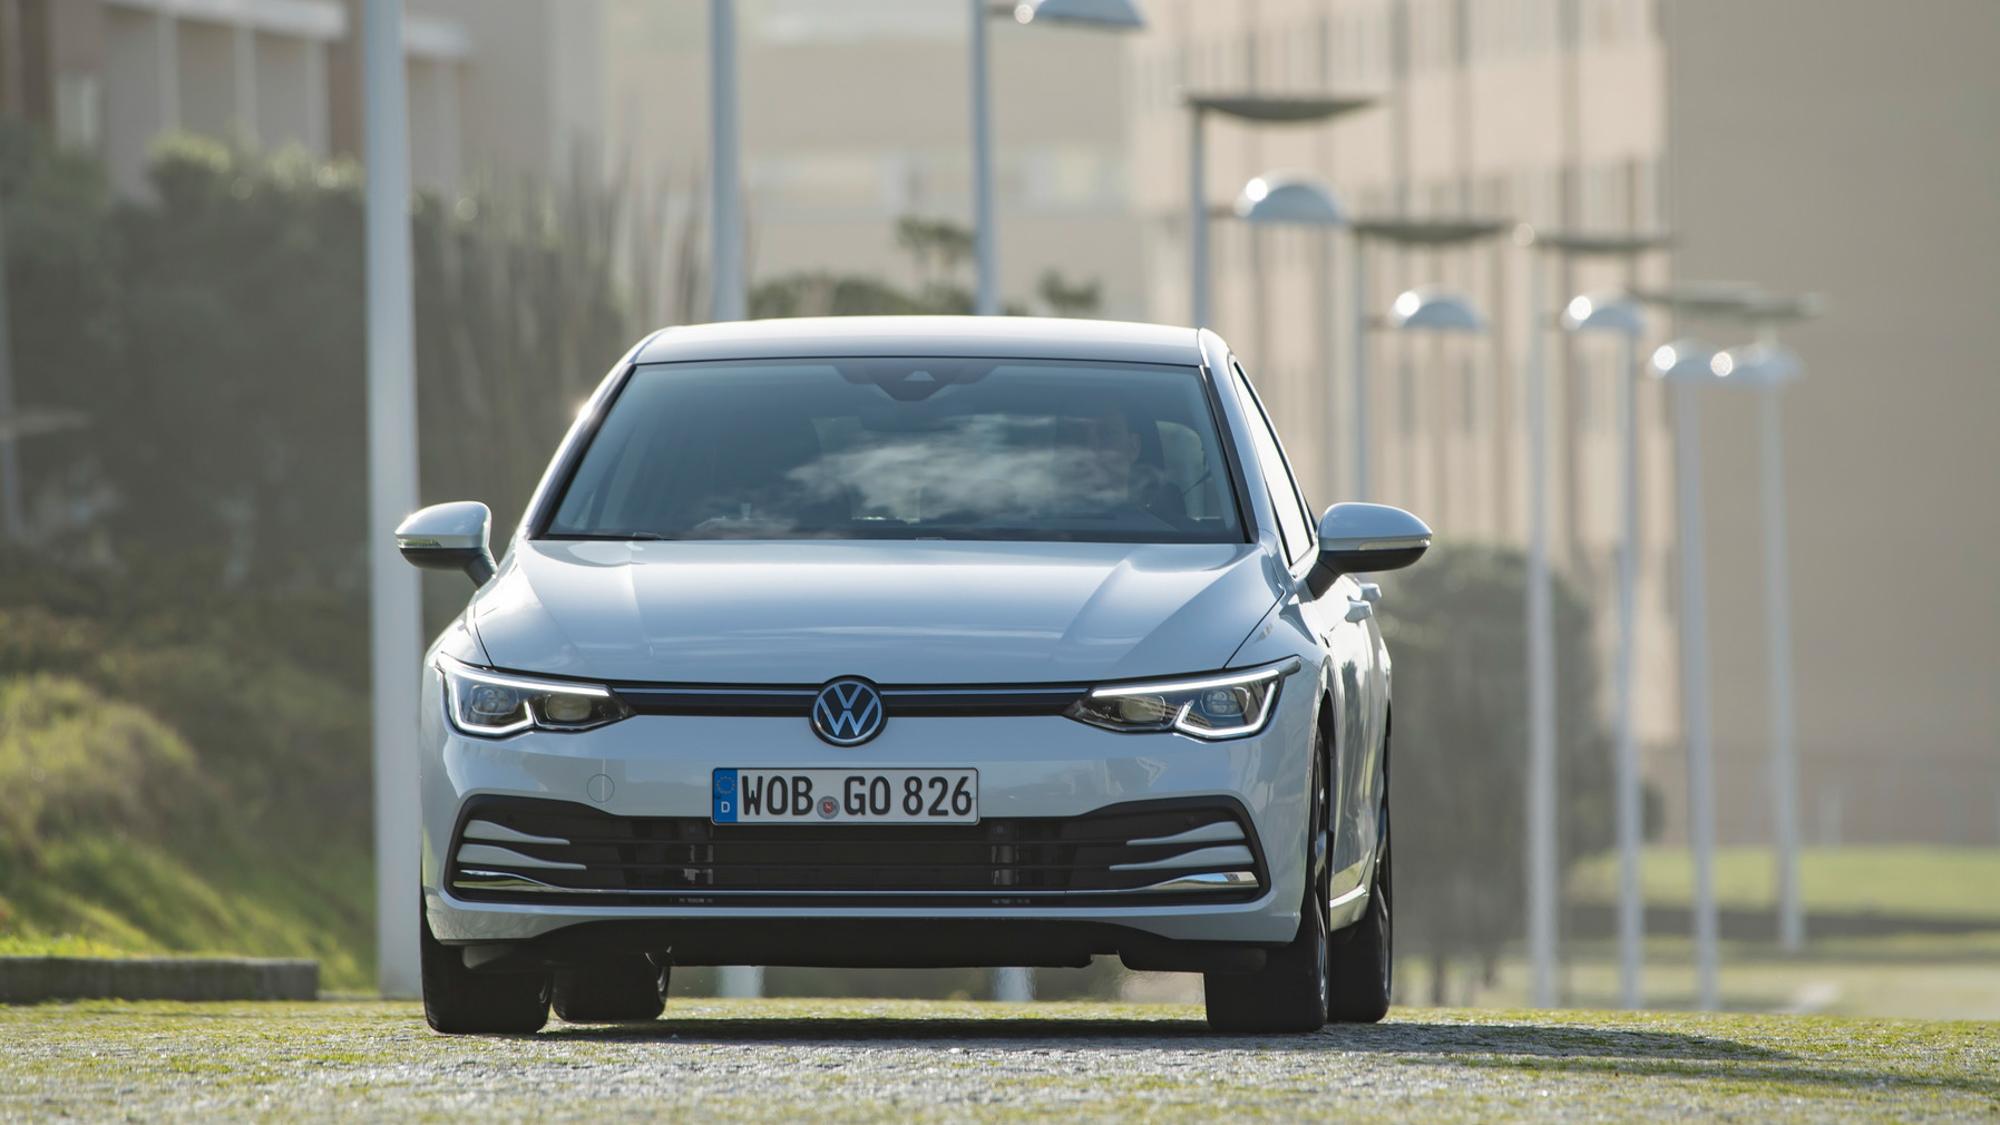 VW Golf 230 eTSI 油耗 20.5km/L,獲一級能源效率!